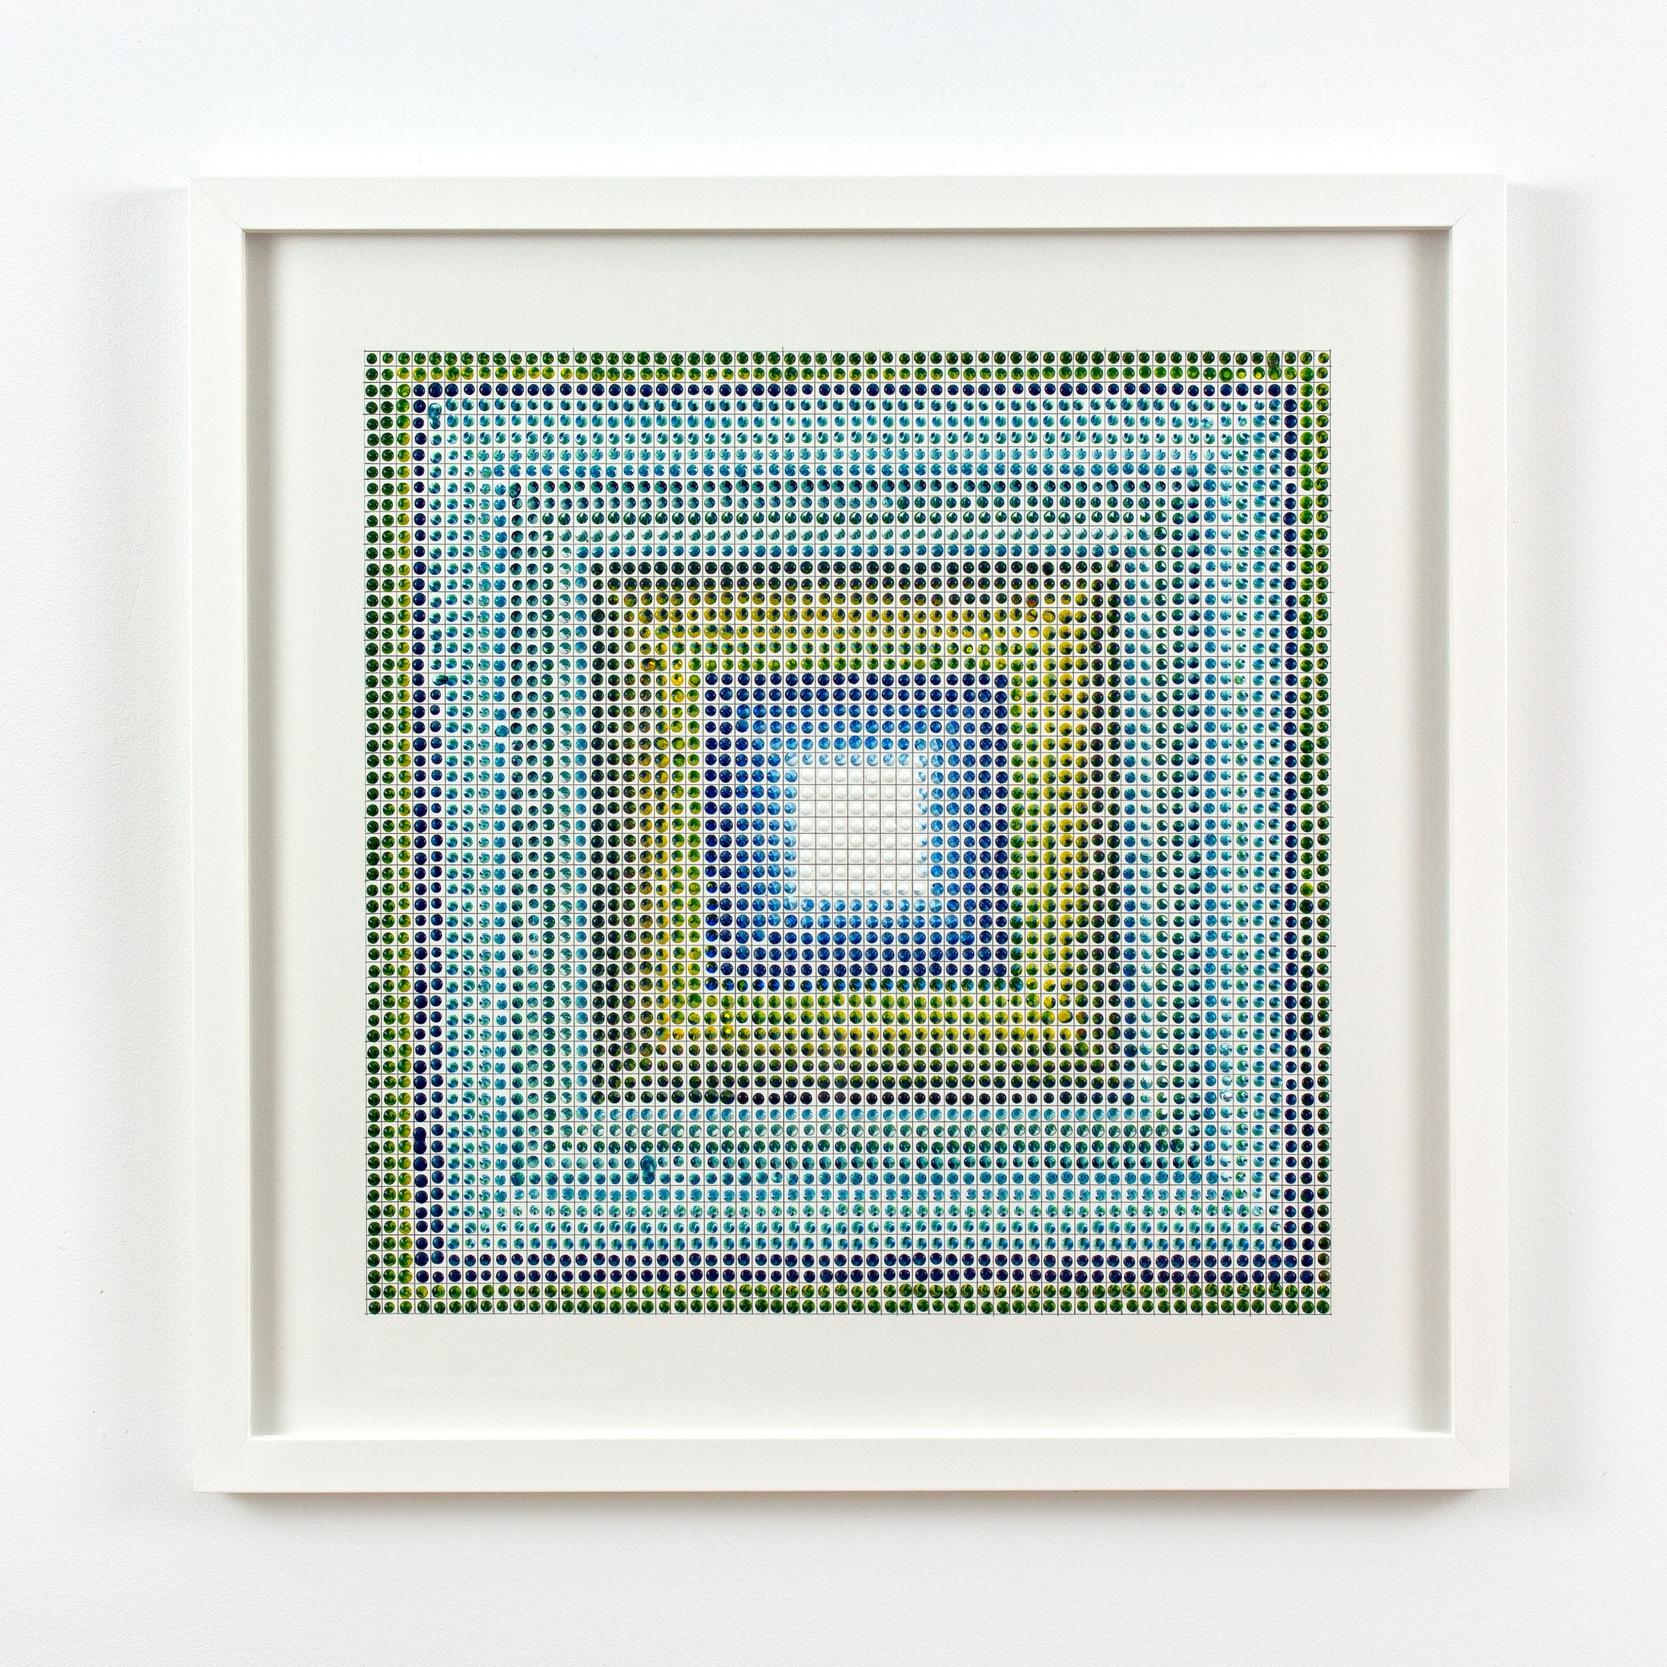 Untitled (BYR) #2, acrylic on paper, 2015, 19 x 19in | 48 x 48cm